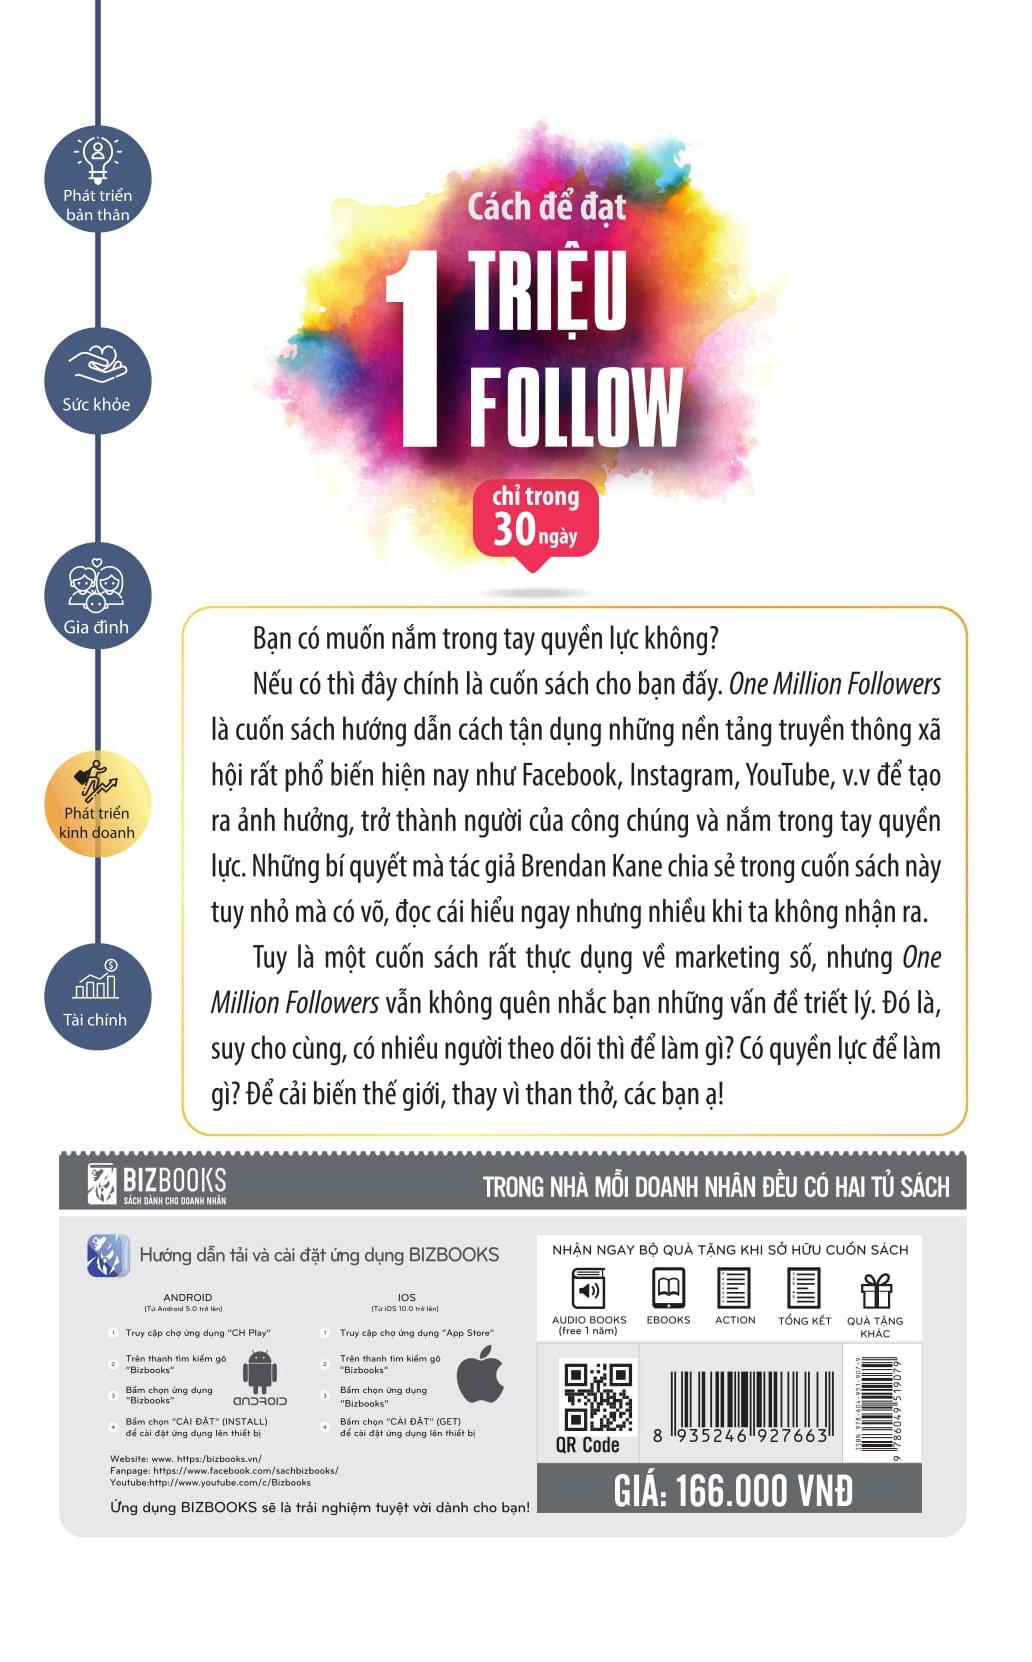 Cách Để Đạt 1 Triệu Follow Chỉ Trong 30 Ngày (Bí Kíp Tăng Tương Tác Các Mạng Xã Hội Ở Việt Nam) Tặng BookMark ChipiHouze (Mẫu Ngẫu Nhiên)